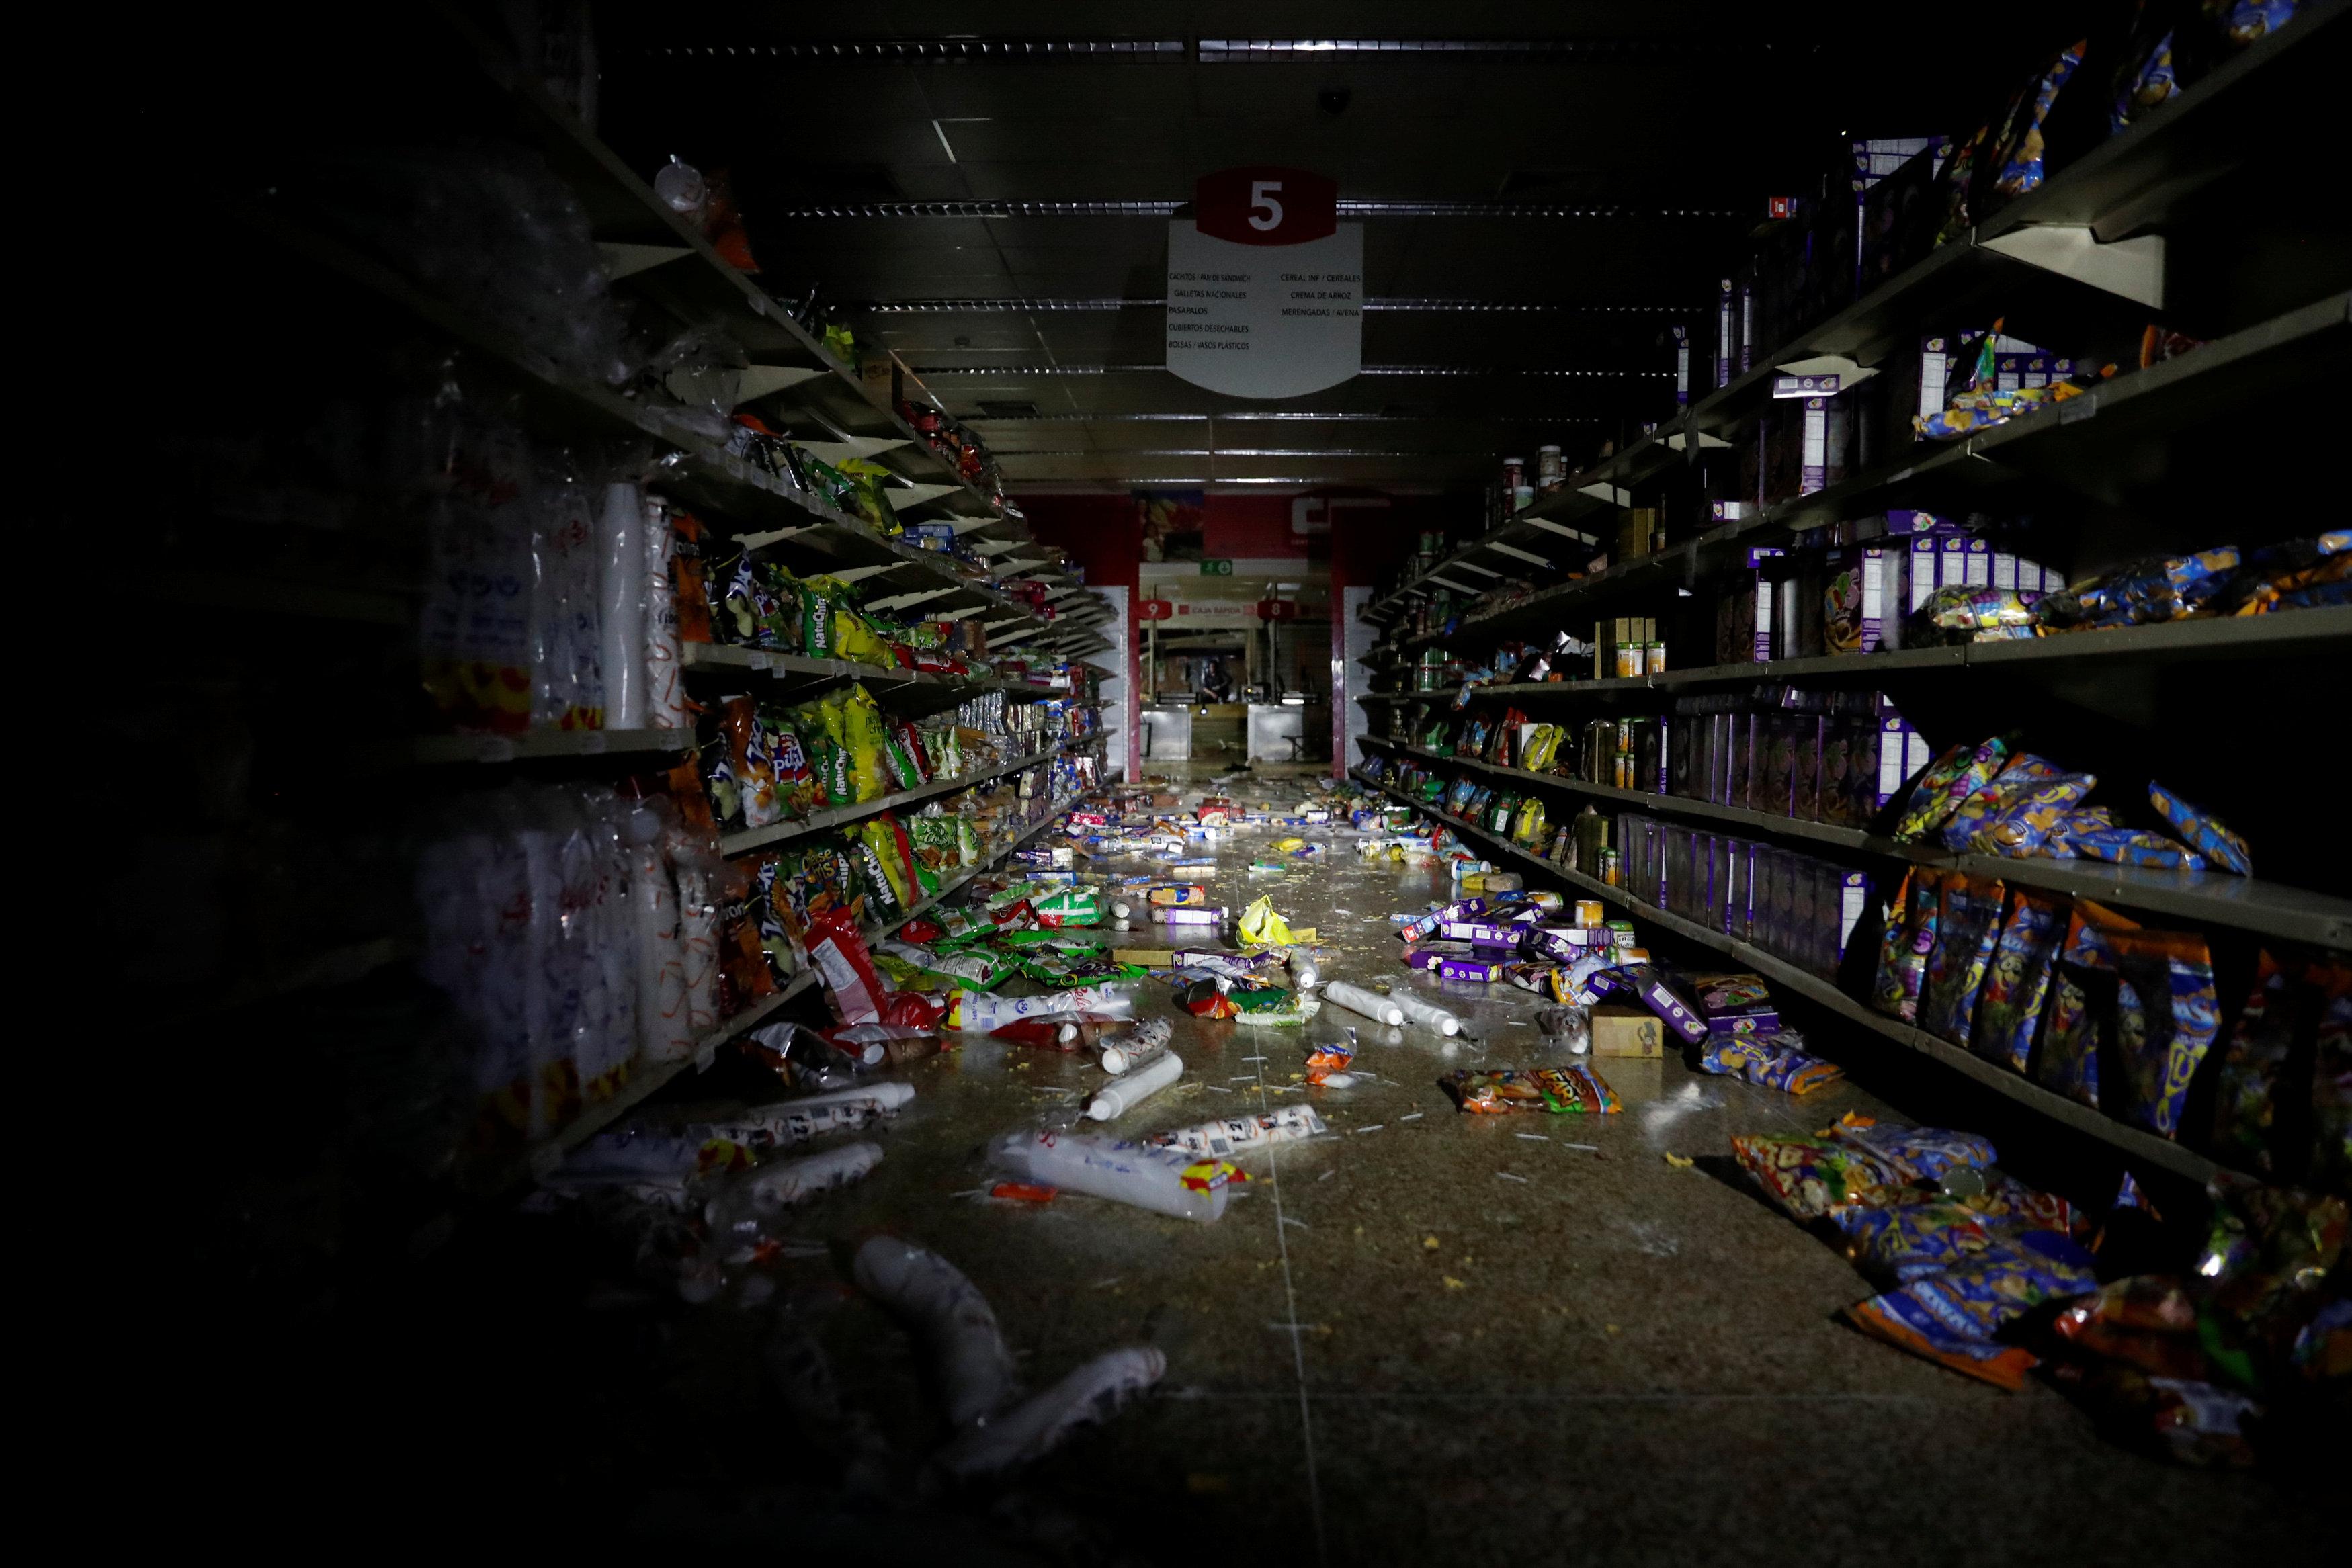 Así quedó un supermercado de Caracas tras un saqueo (REUTERS/Carlos Garcia Rawlins)